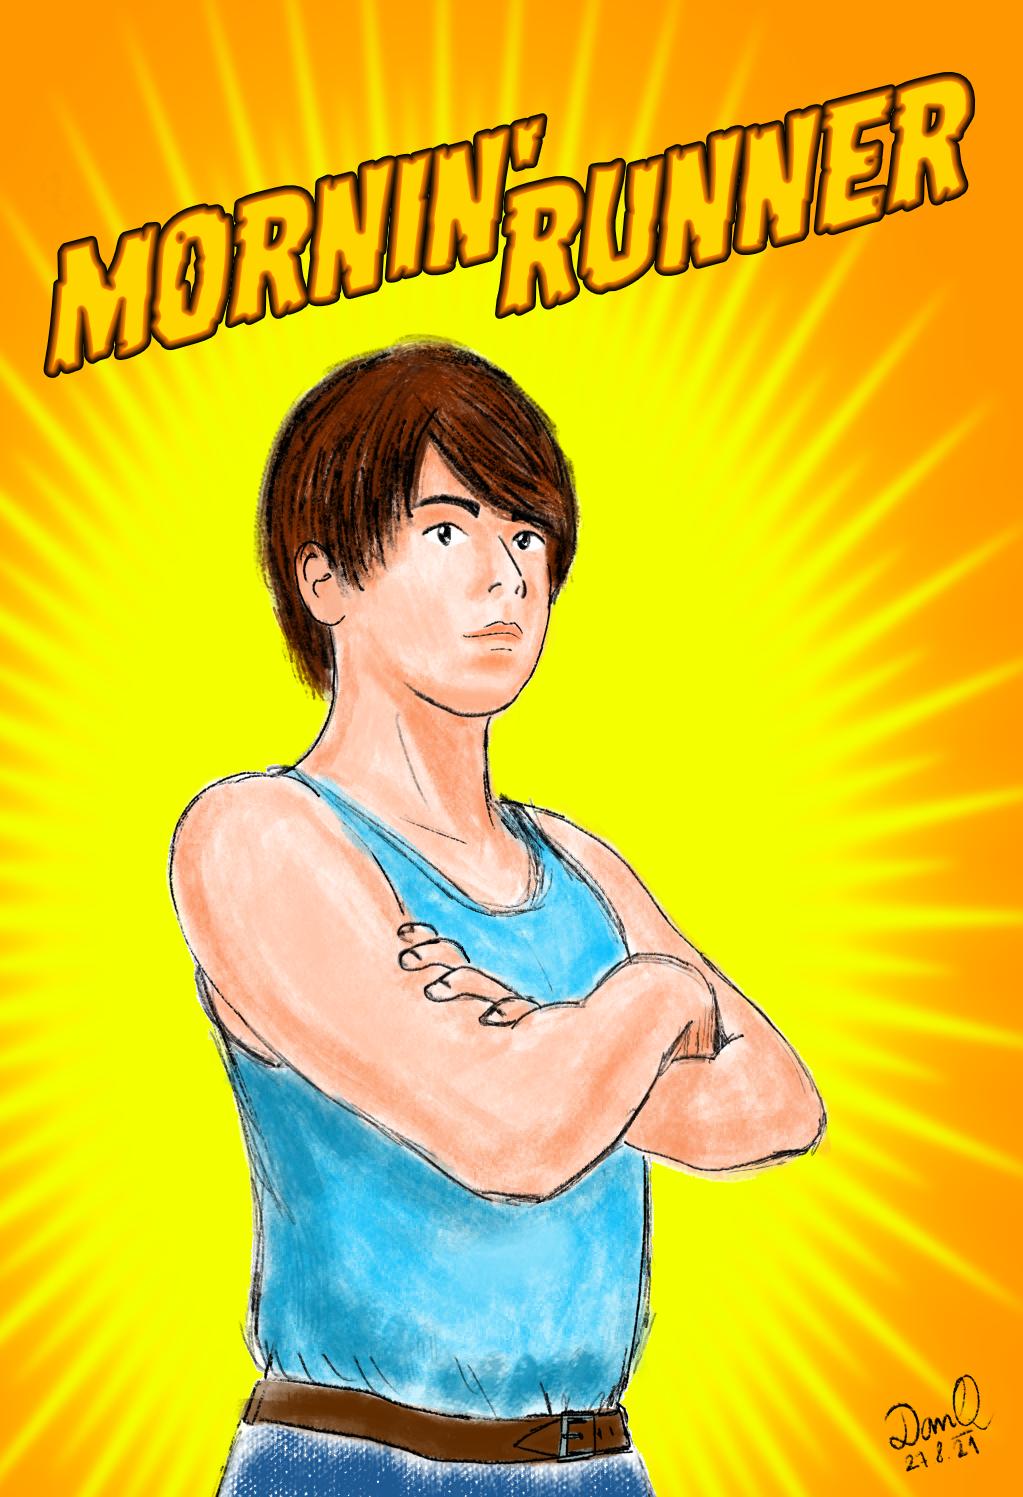 Mornin'Runner